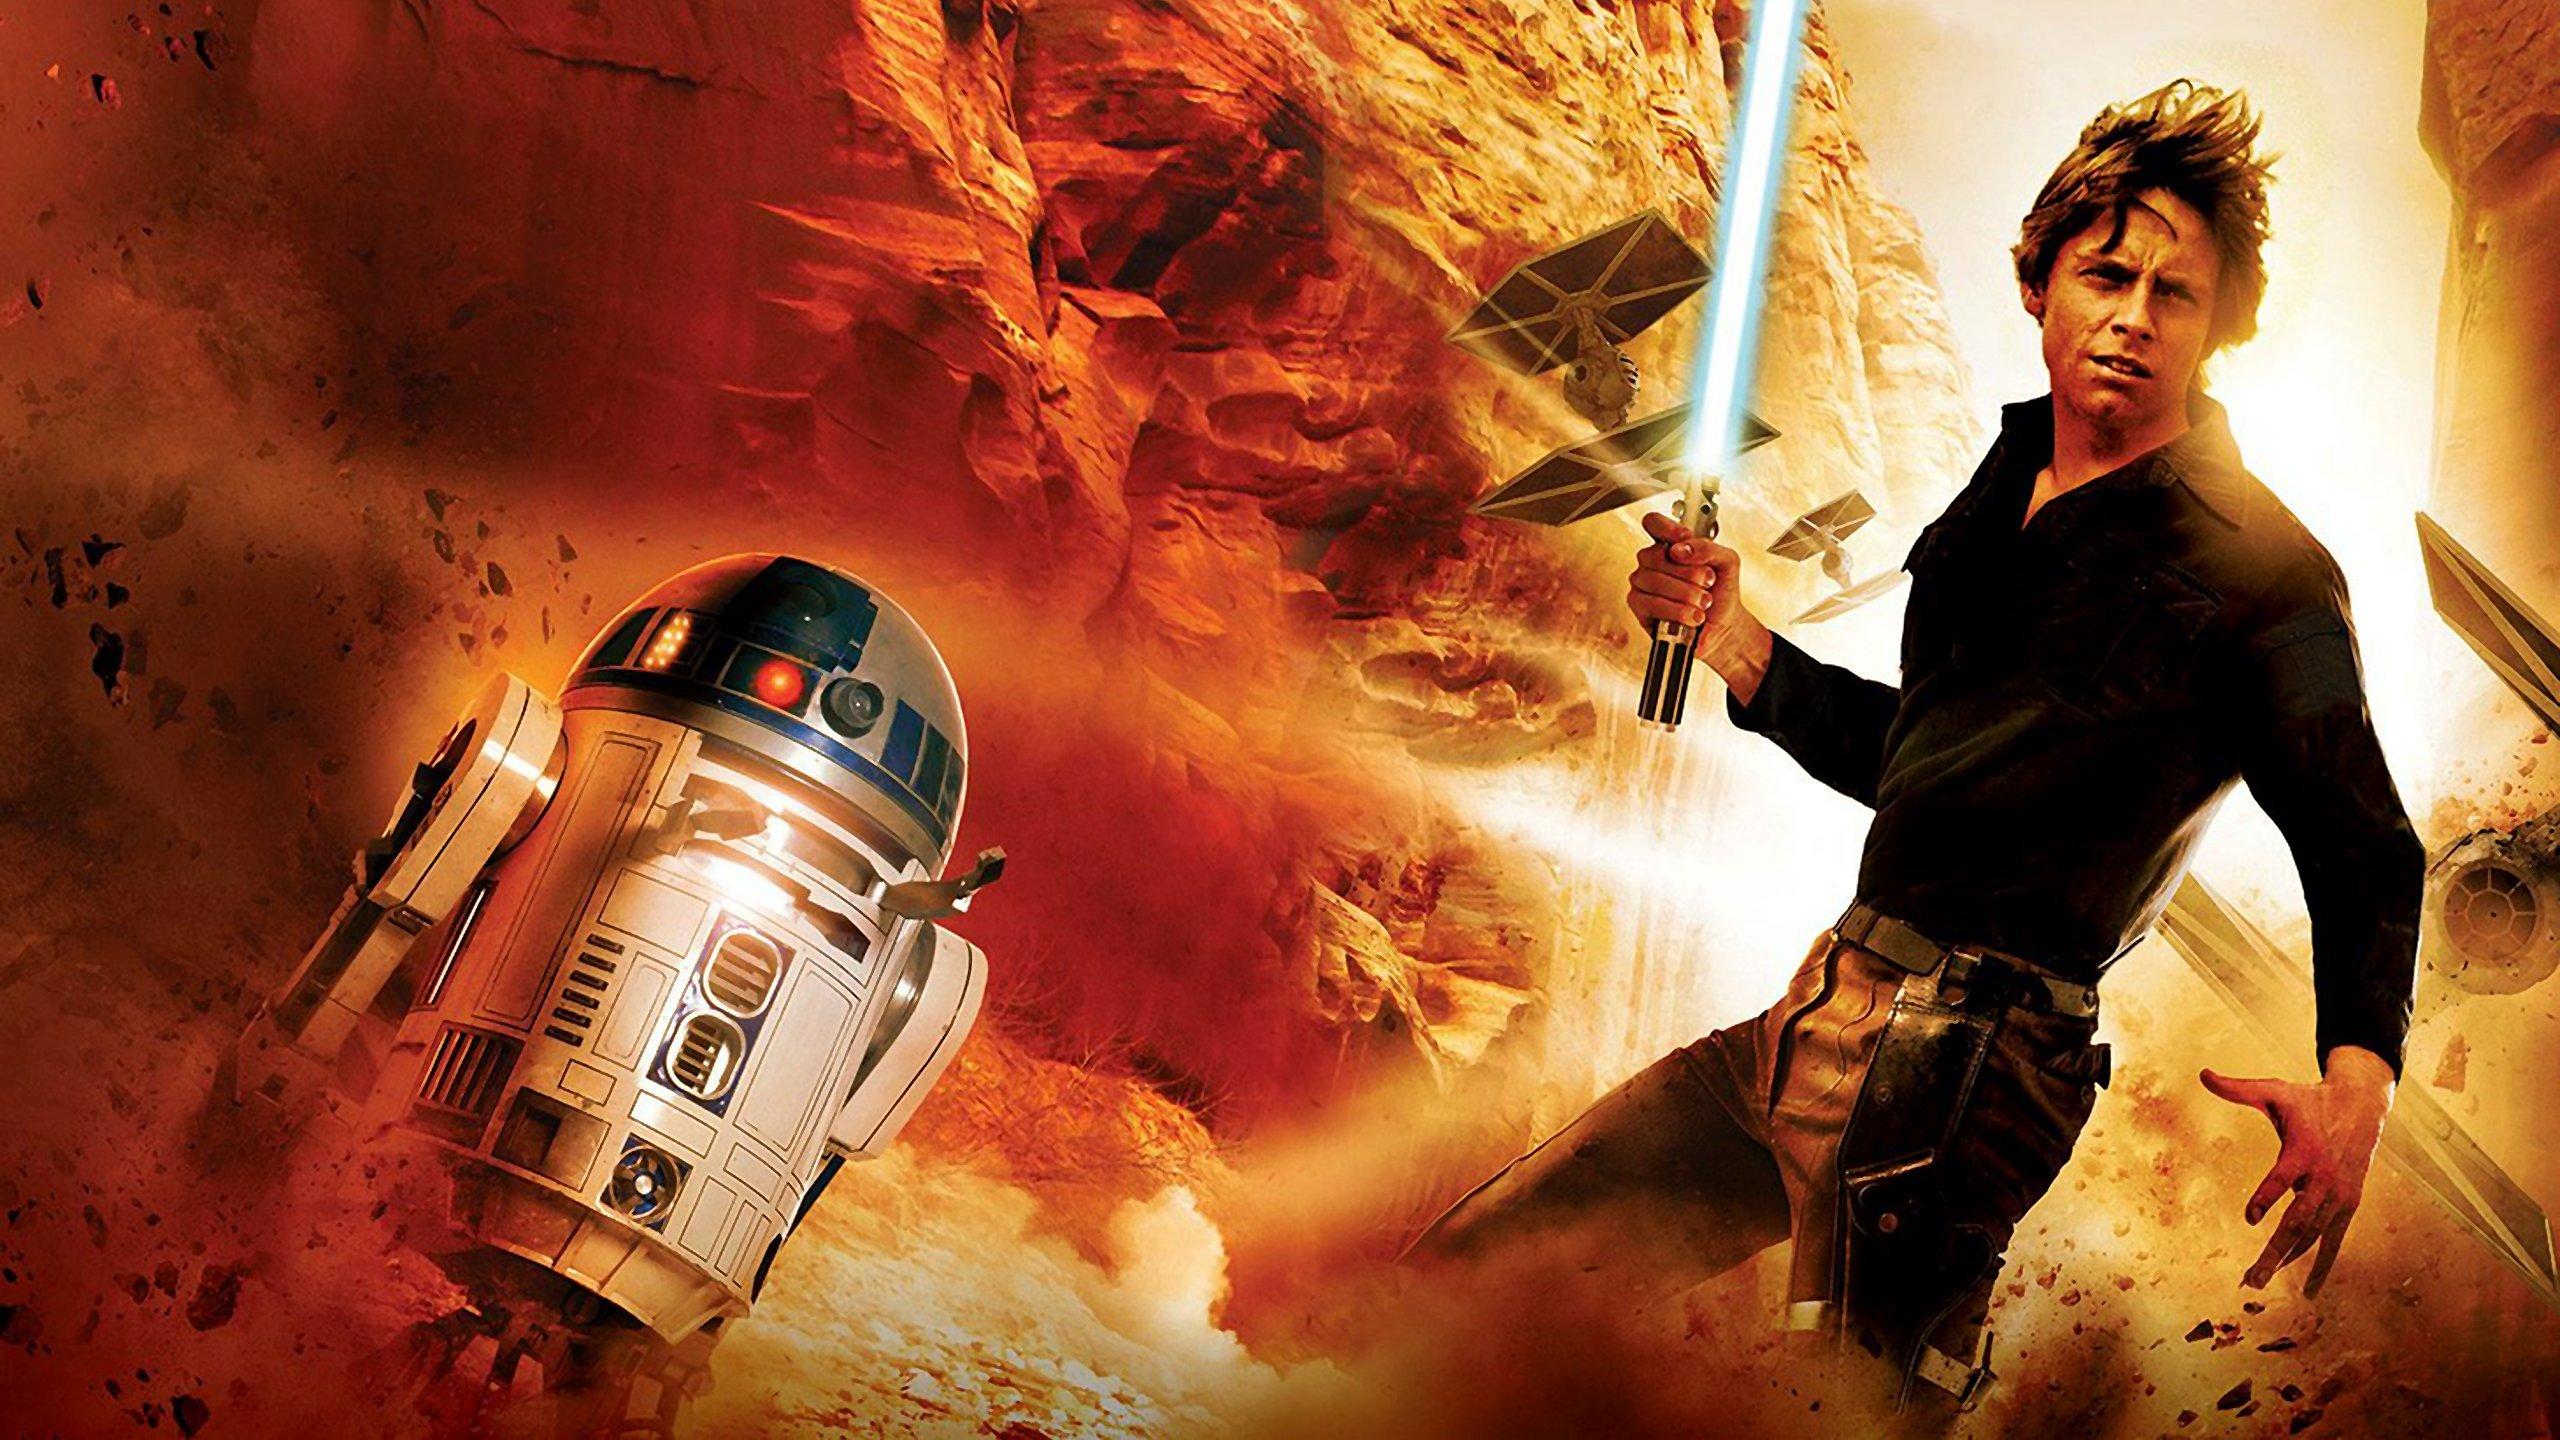 Luke Skywalker Wallpapers Hd For Desktop Backgrounds